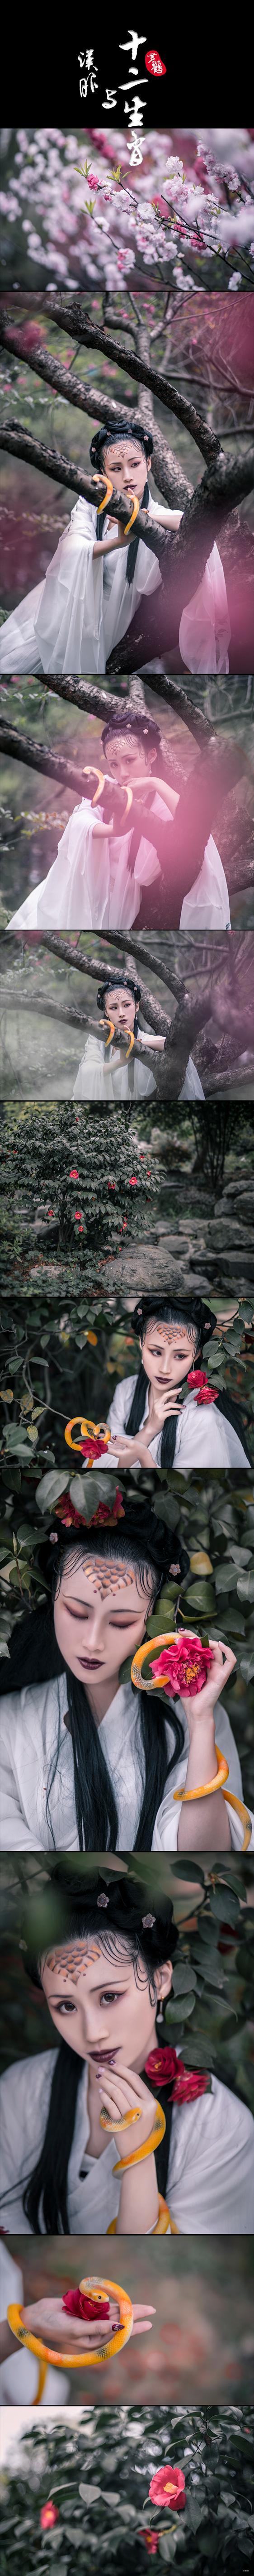 《汉服与十二生肖——巳蛇》#黄鹤摄影作品#